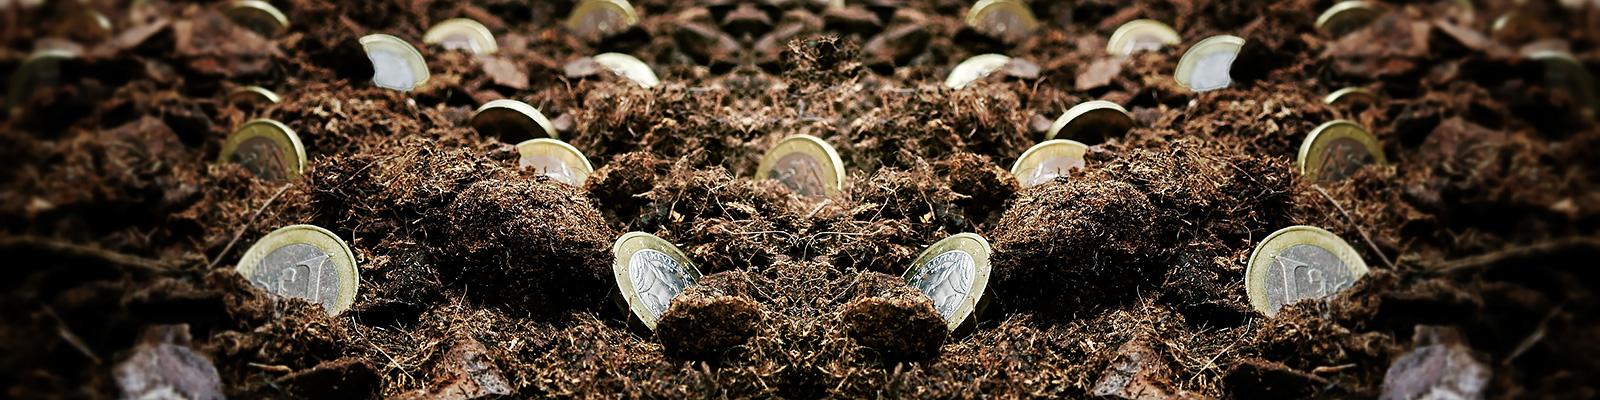 お金 採掘 イメージ